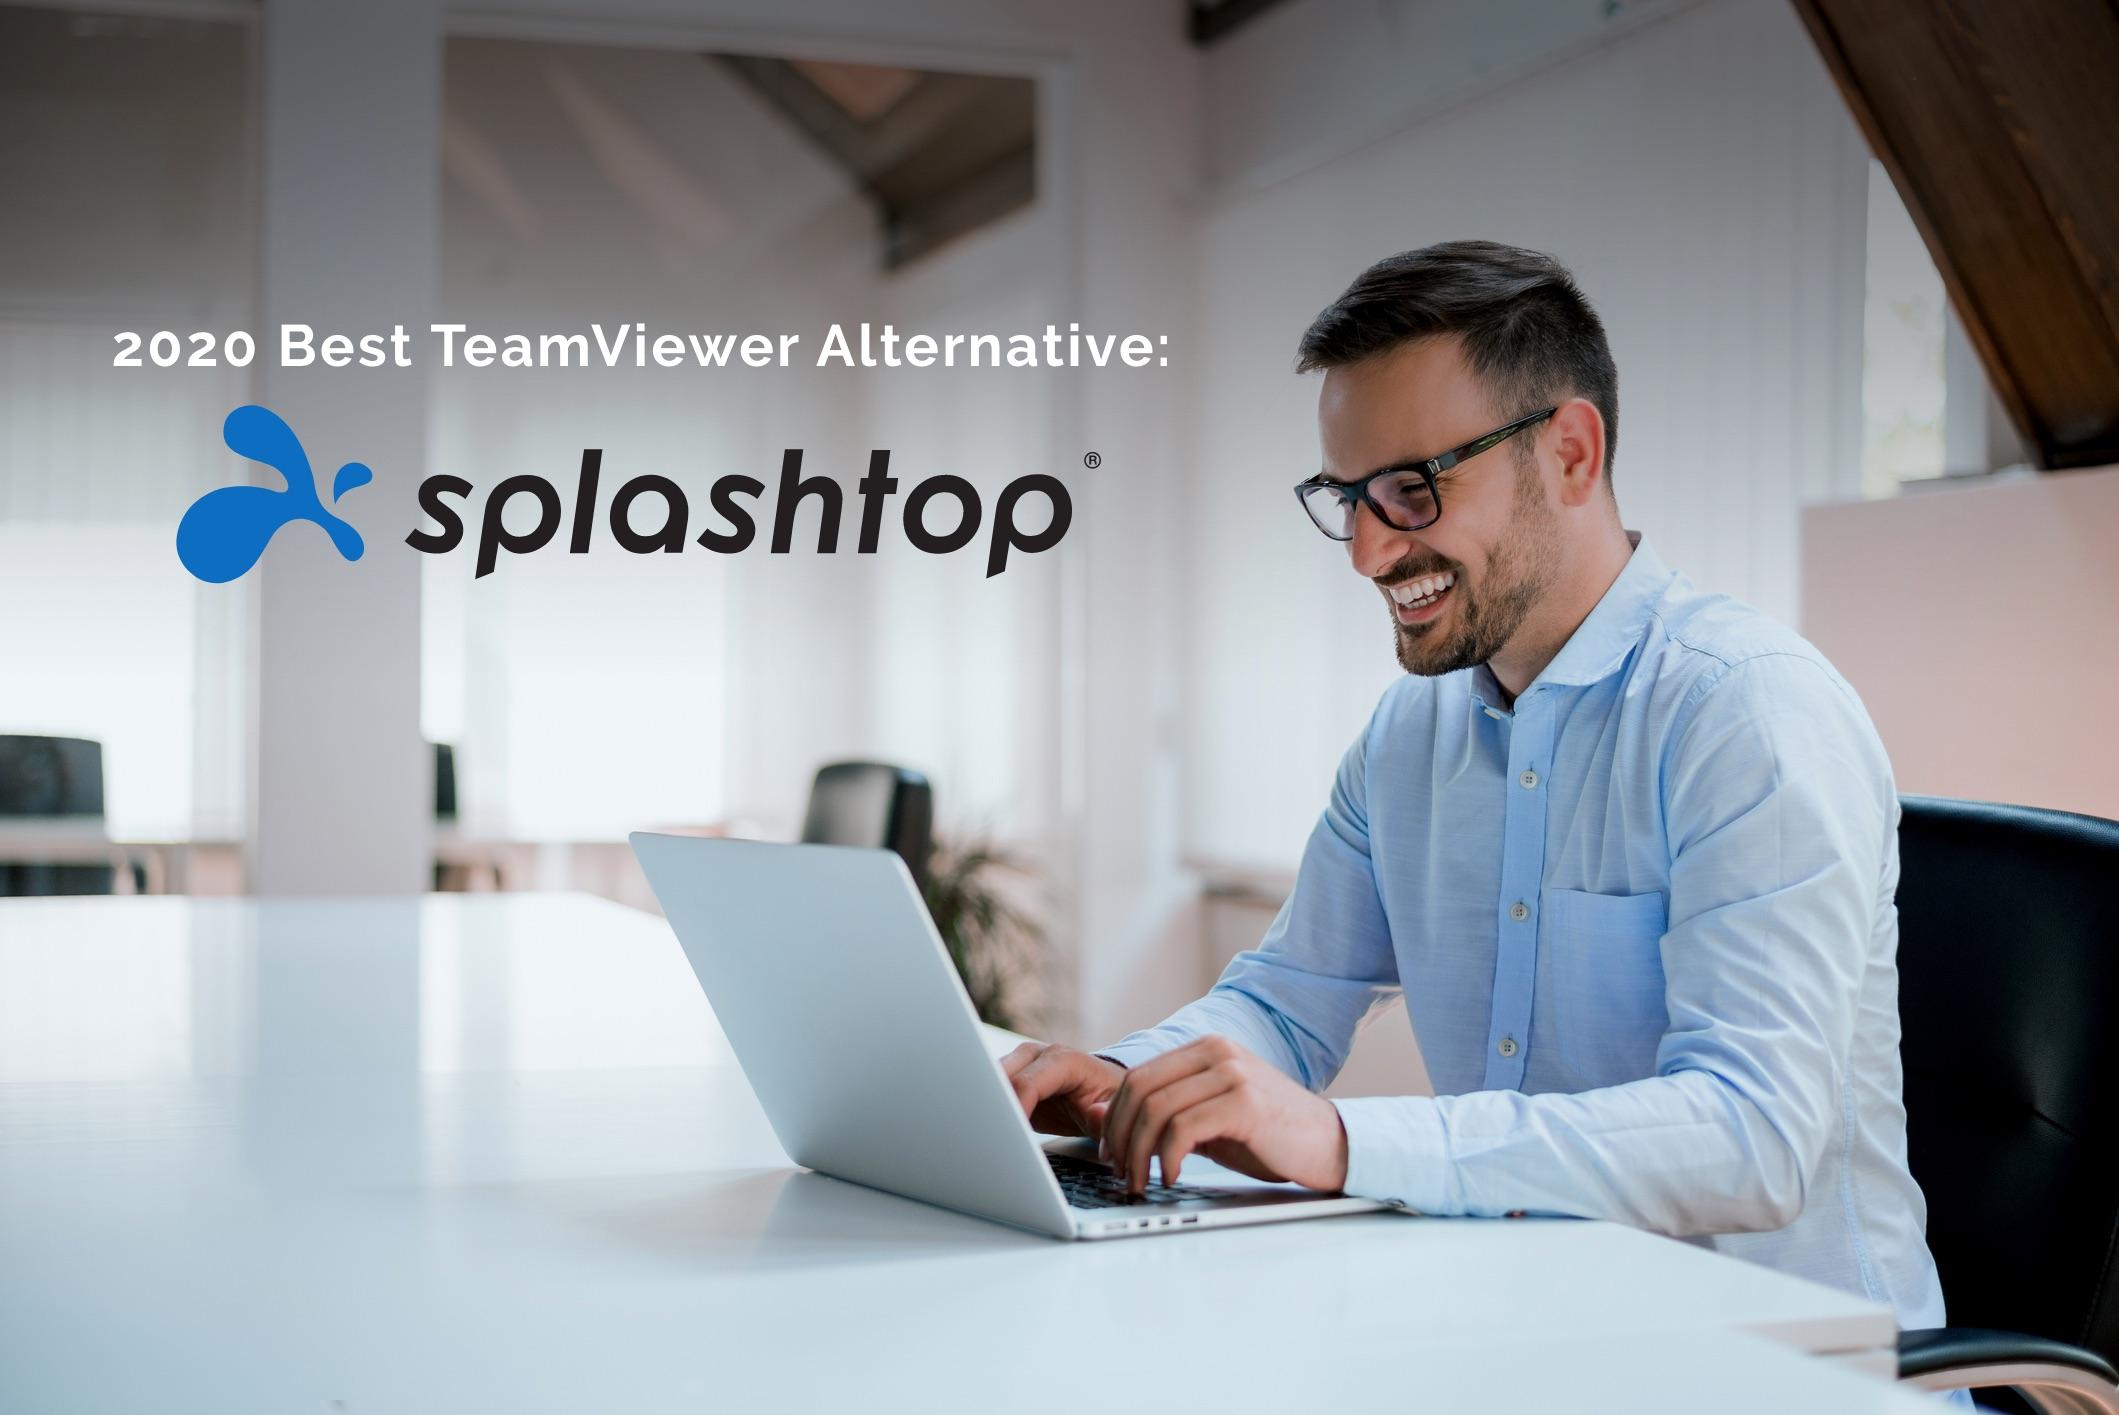 Best TeamViewer Alternative 2020